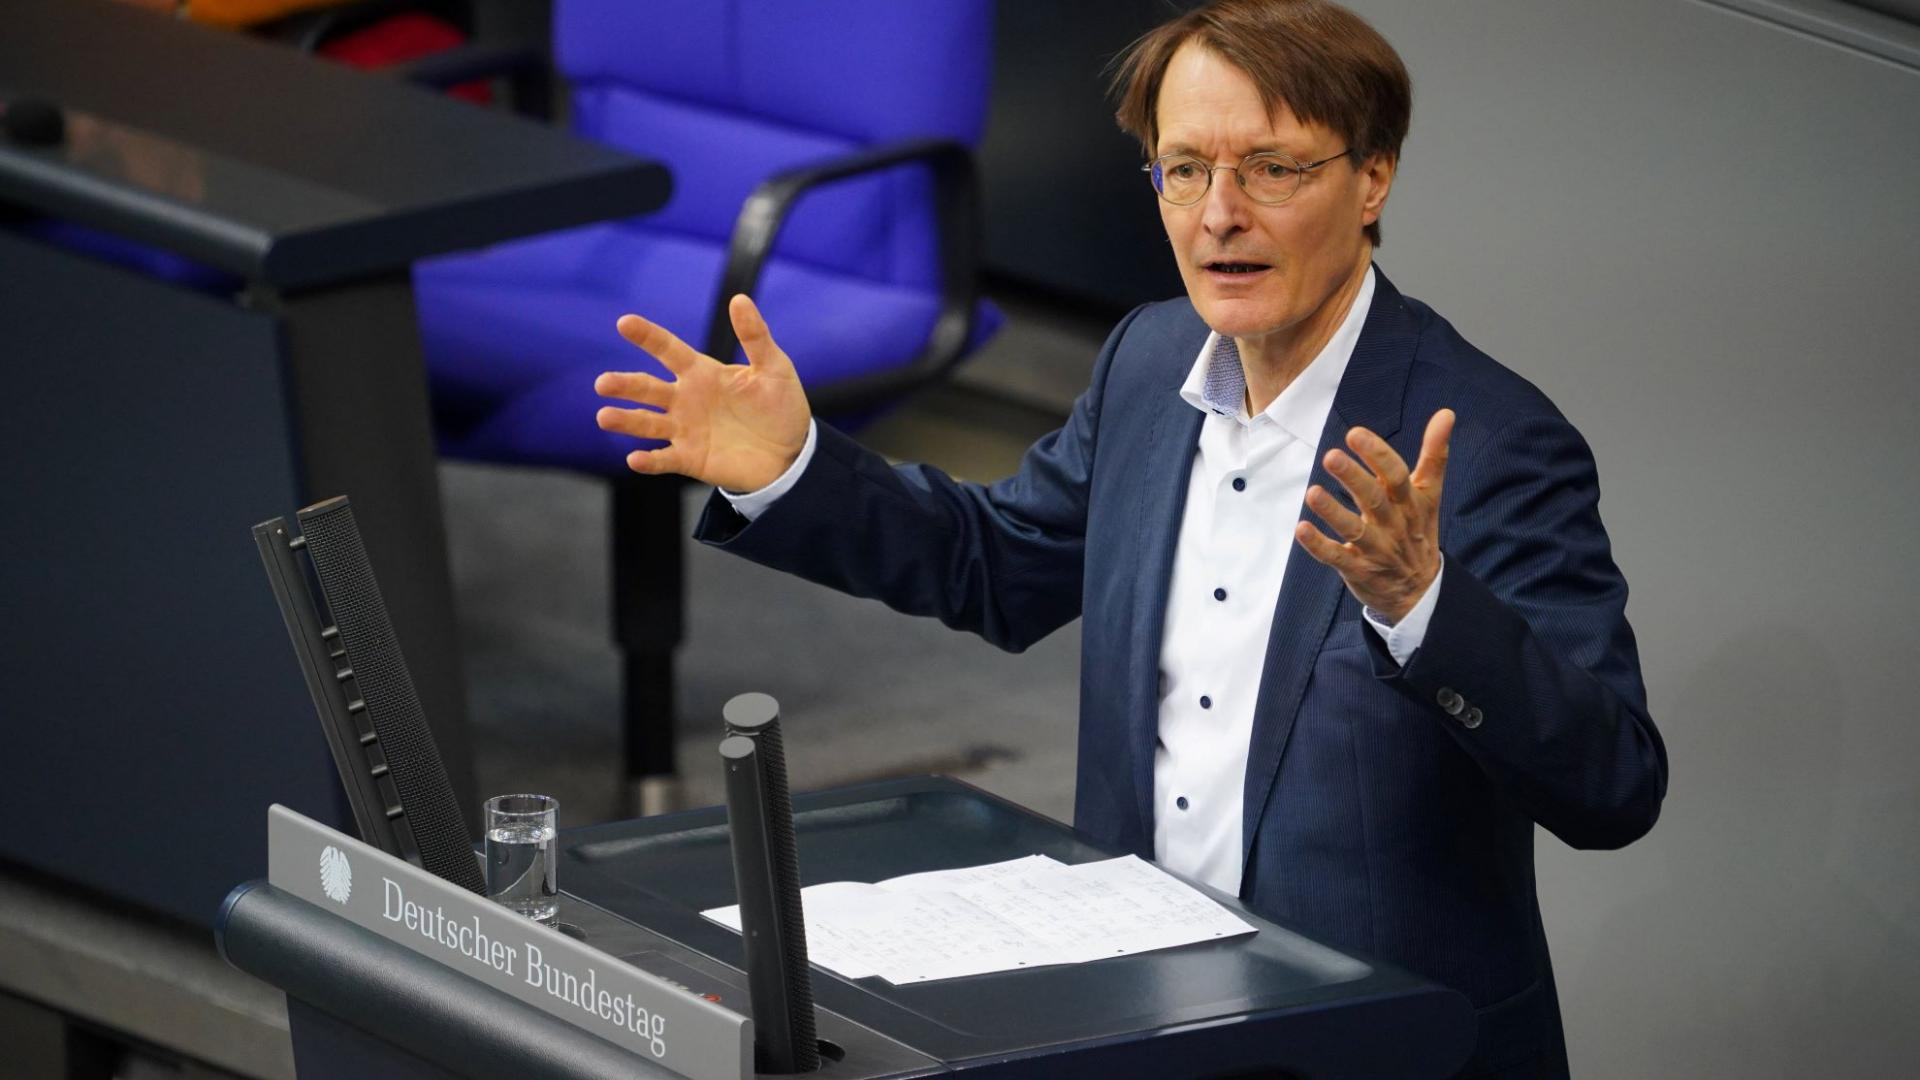 Karl Lauterbach Bundestag